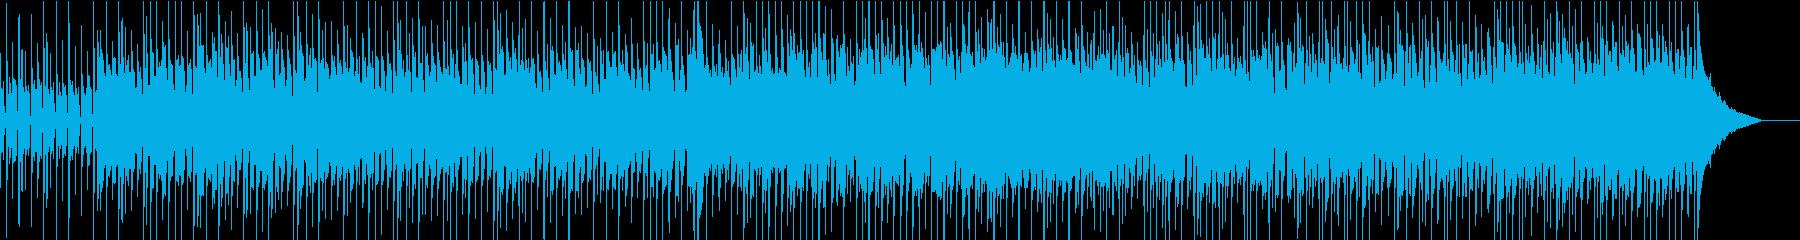 アジアンテイスト溢れる哀愁ディスコの再生済みの波形